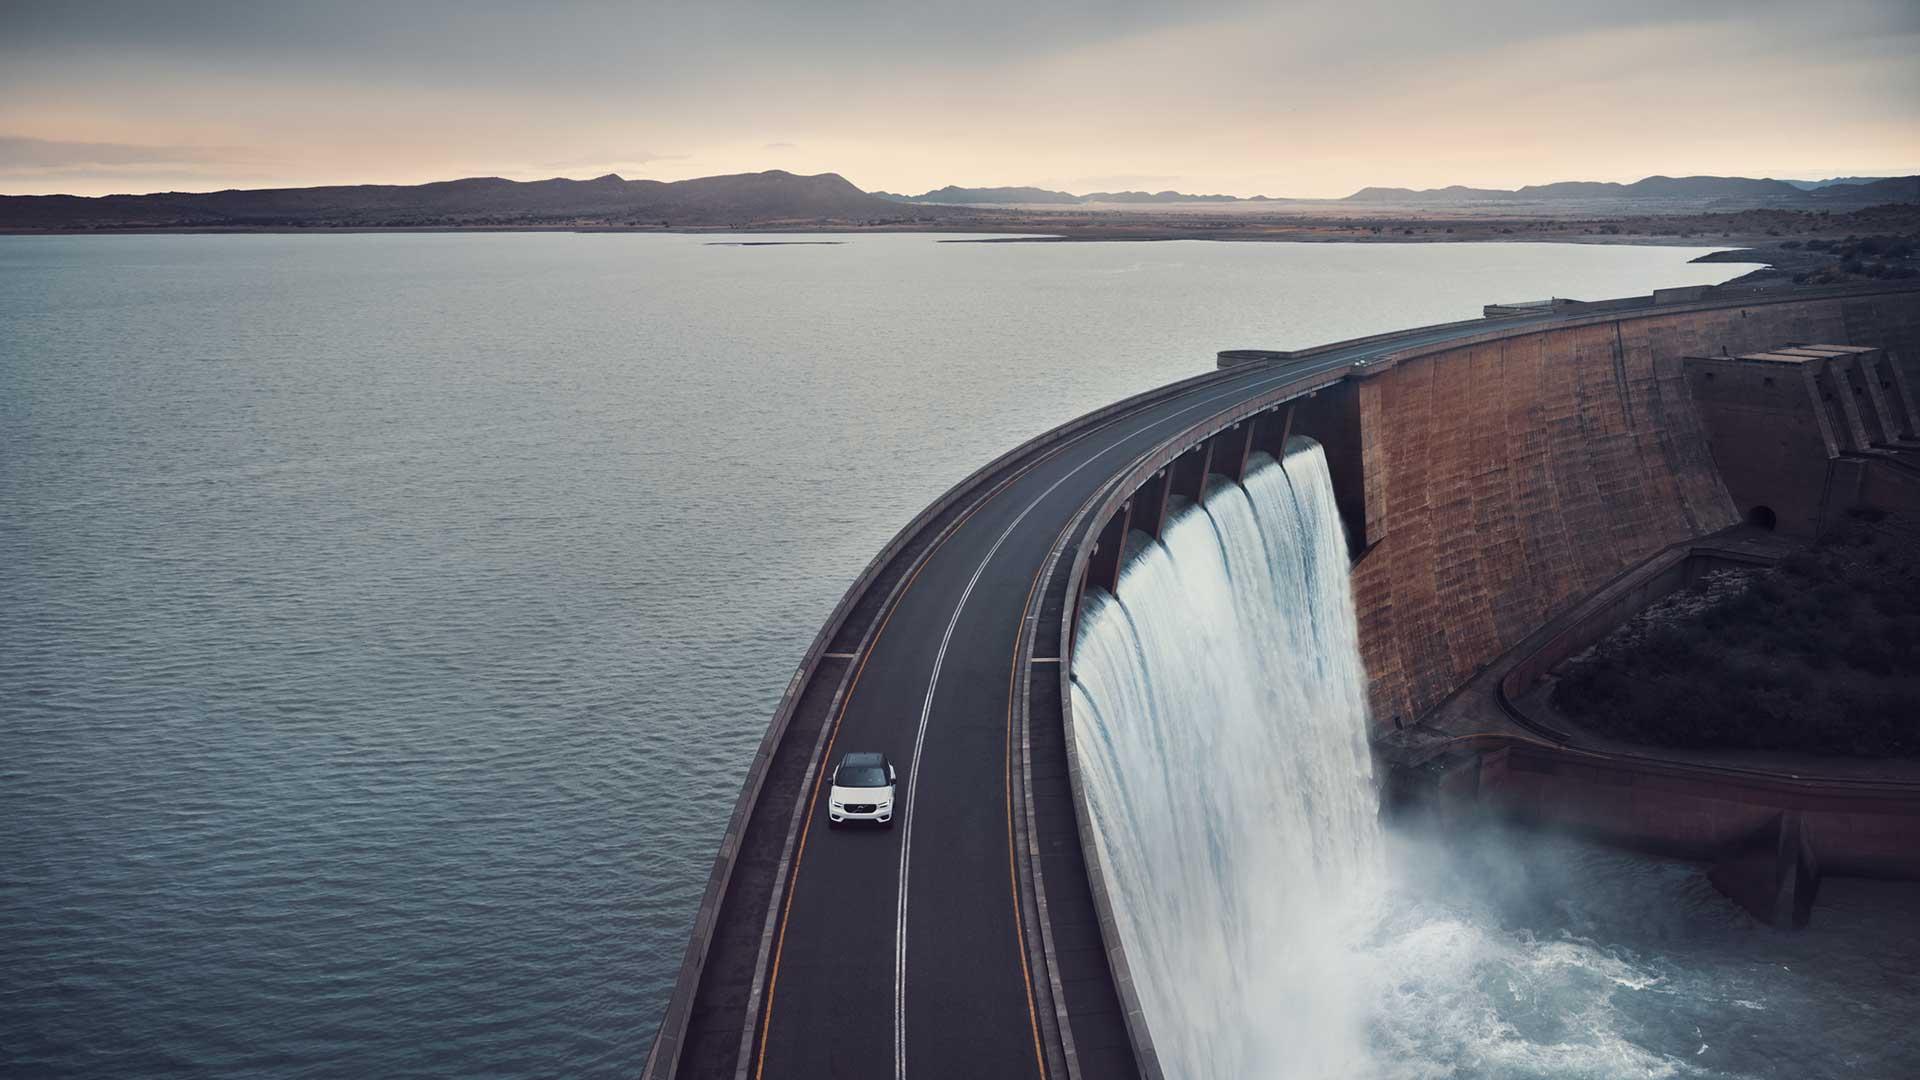 Egy Volvo szabadidőjármű, amely egy víztározót keresztező hídon halad át.